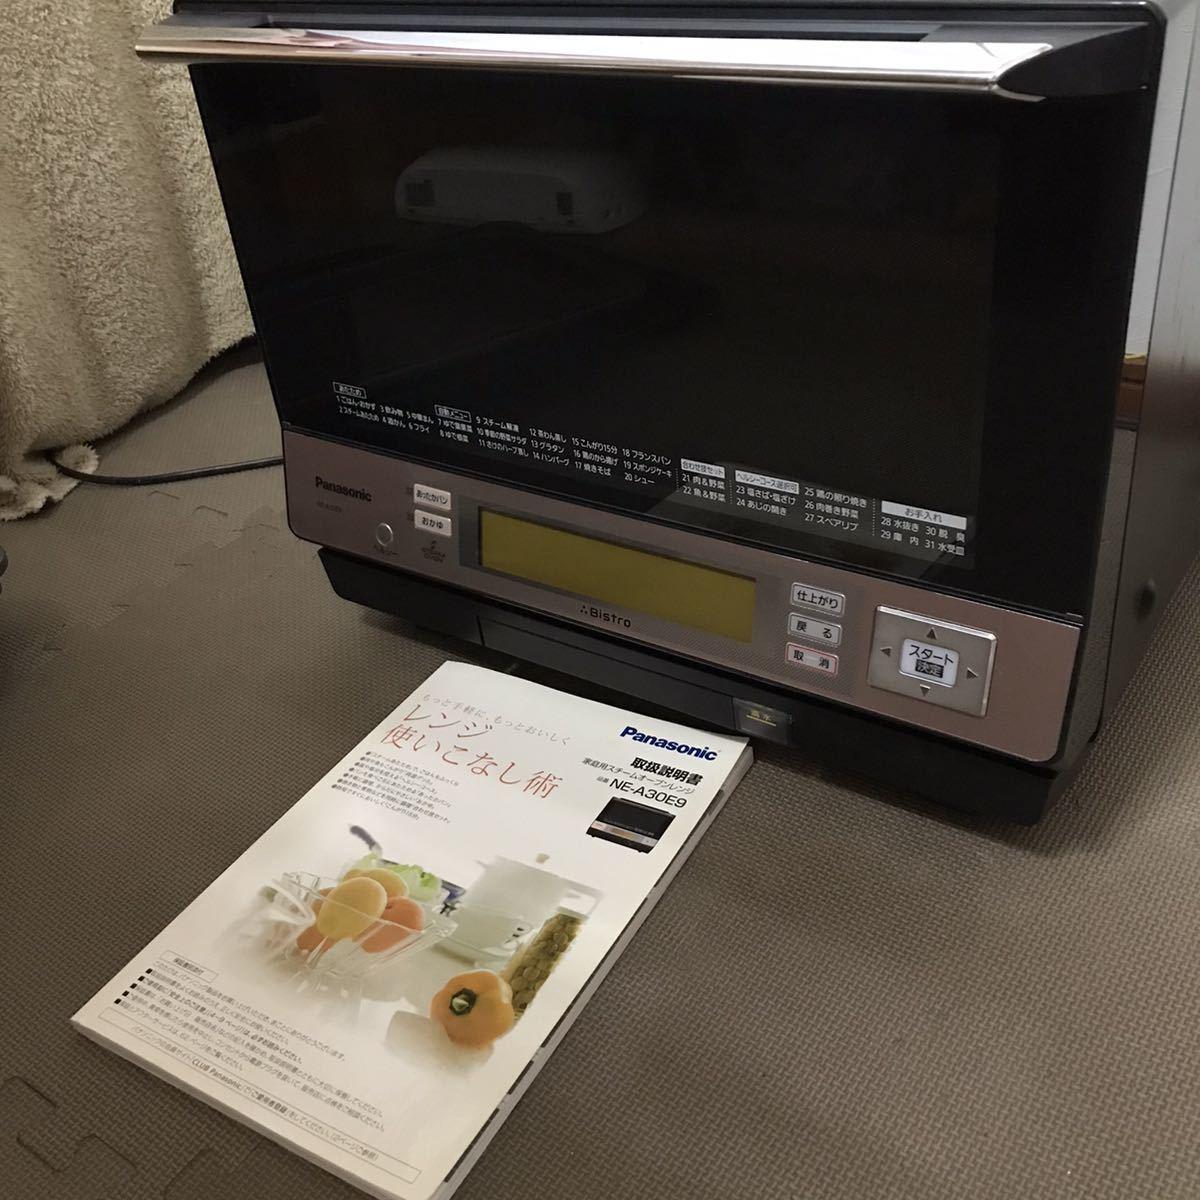 ビストロ オーブンレンジ スチームオーブン パナソニック NE-A30E9